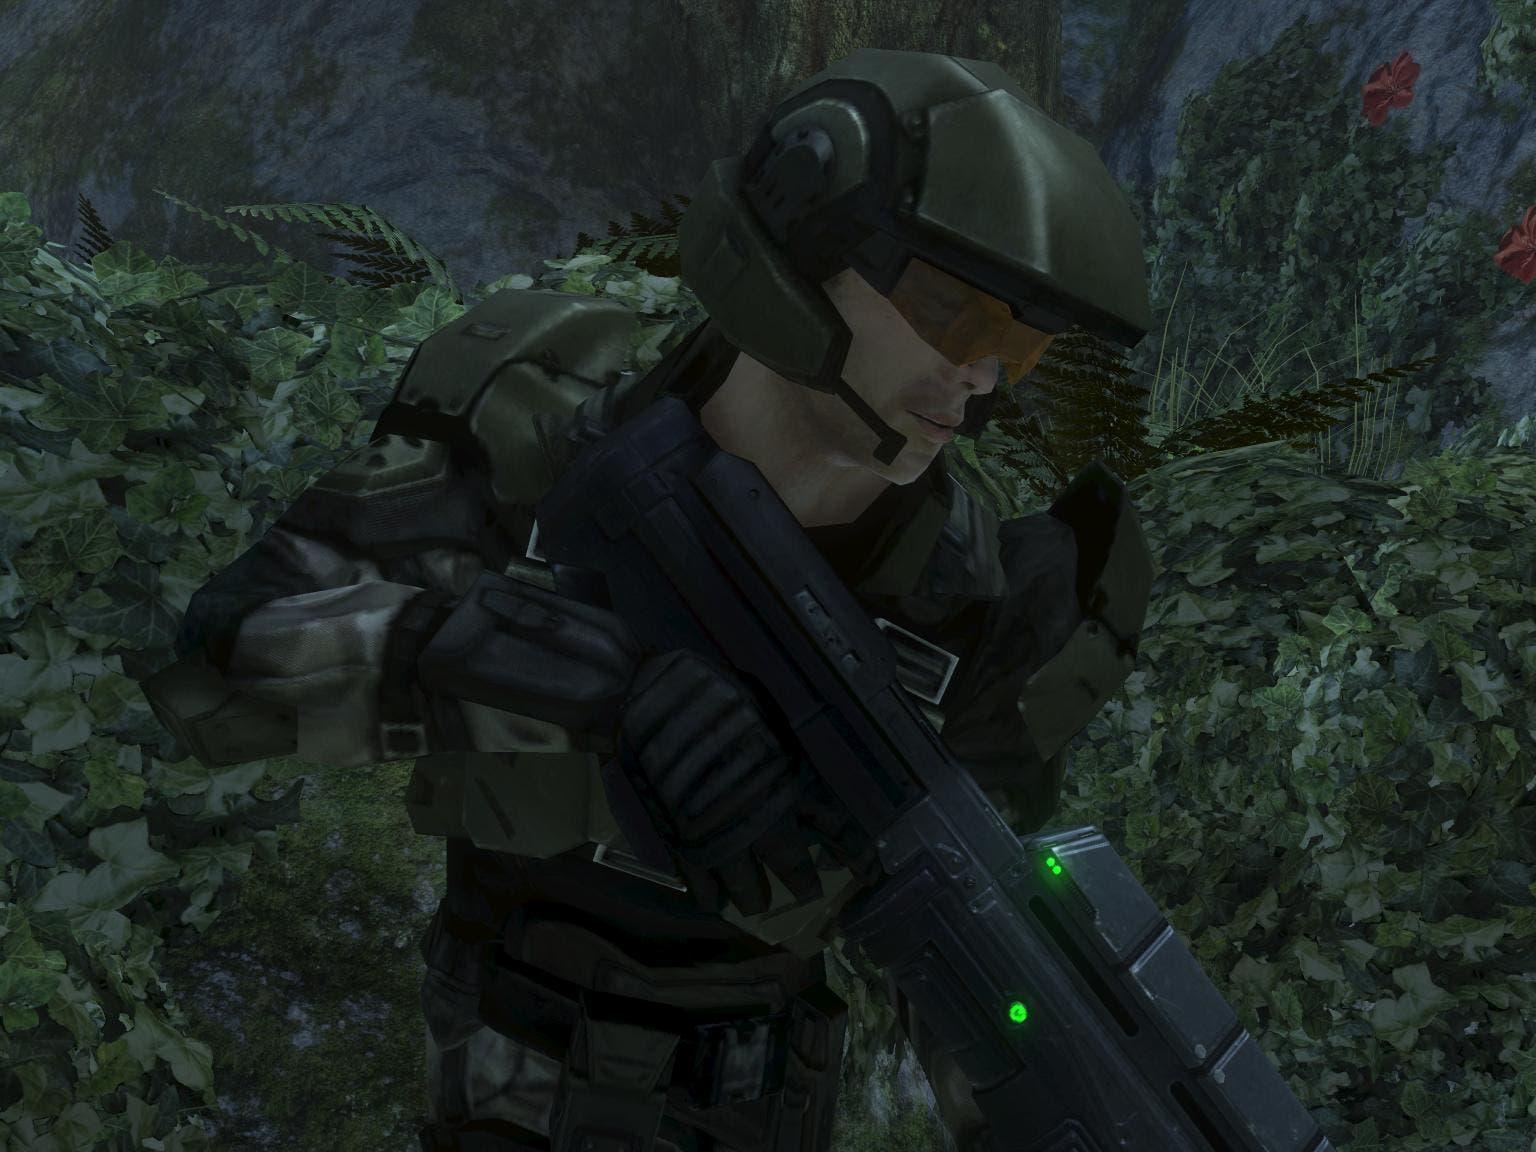 6 curiosidades de Halo que quizá no conozcas 1